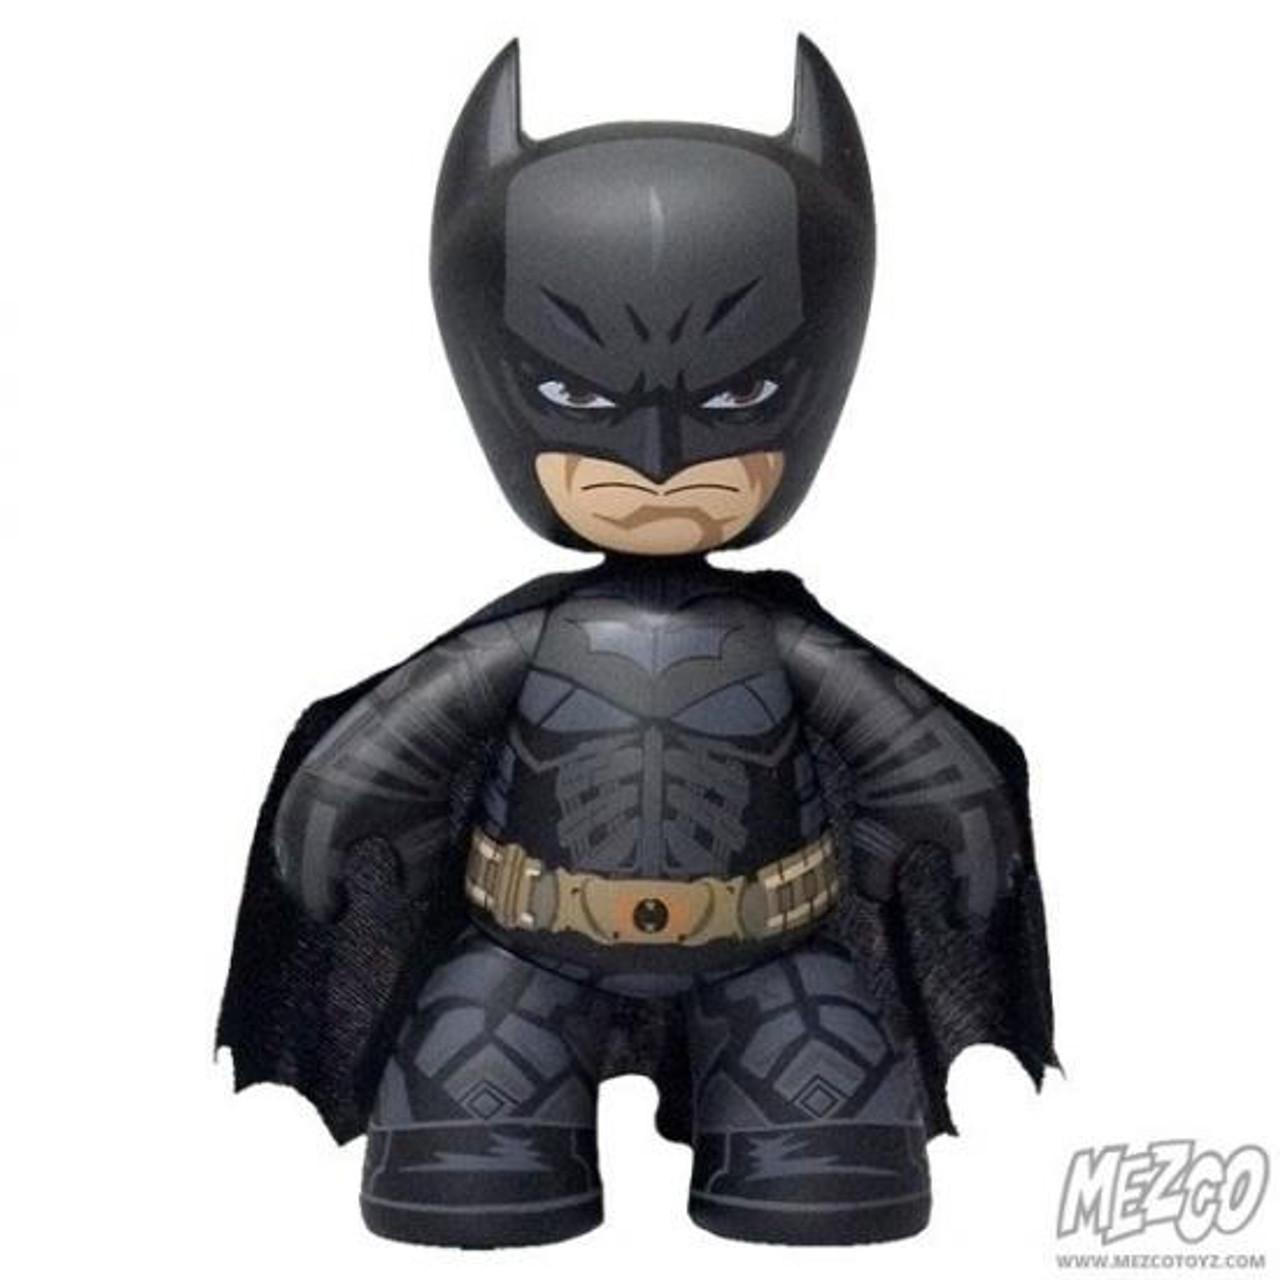 Mez-Itz Dark Knight Batman Exclusive 18-Inch Vinyl Figure